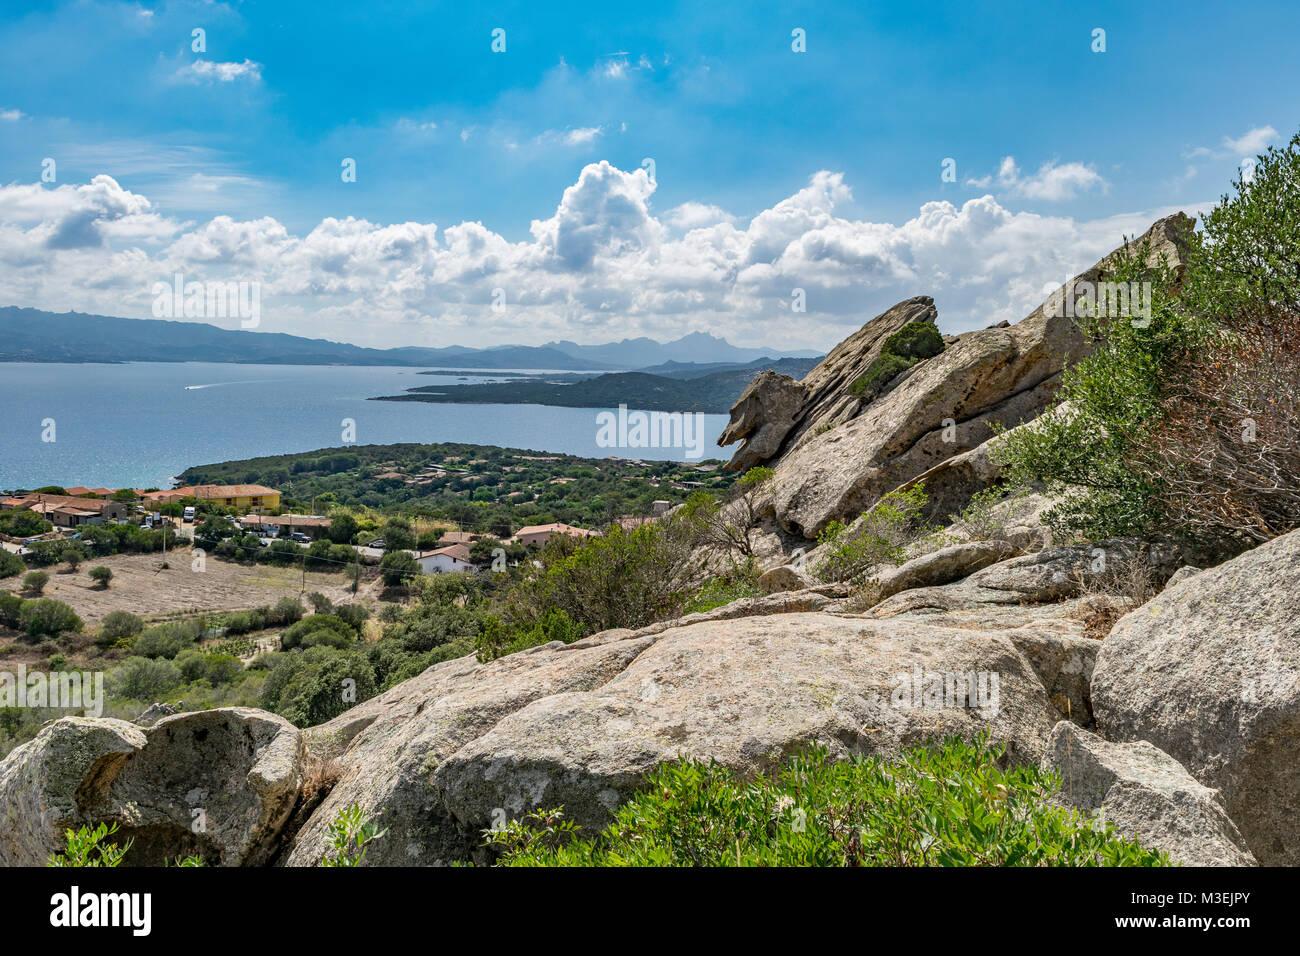 Capa D'Orso, Palao, Sardinia, Italy - Stock Image